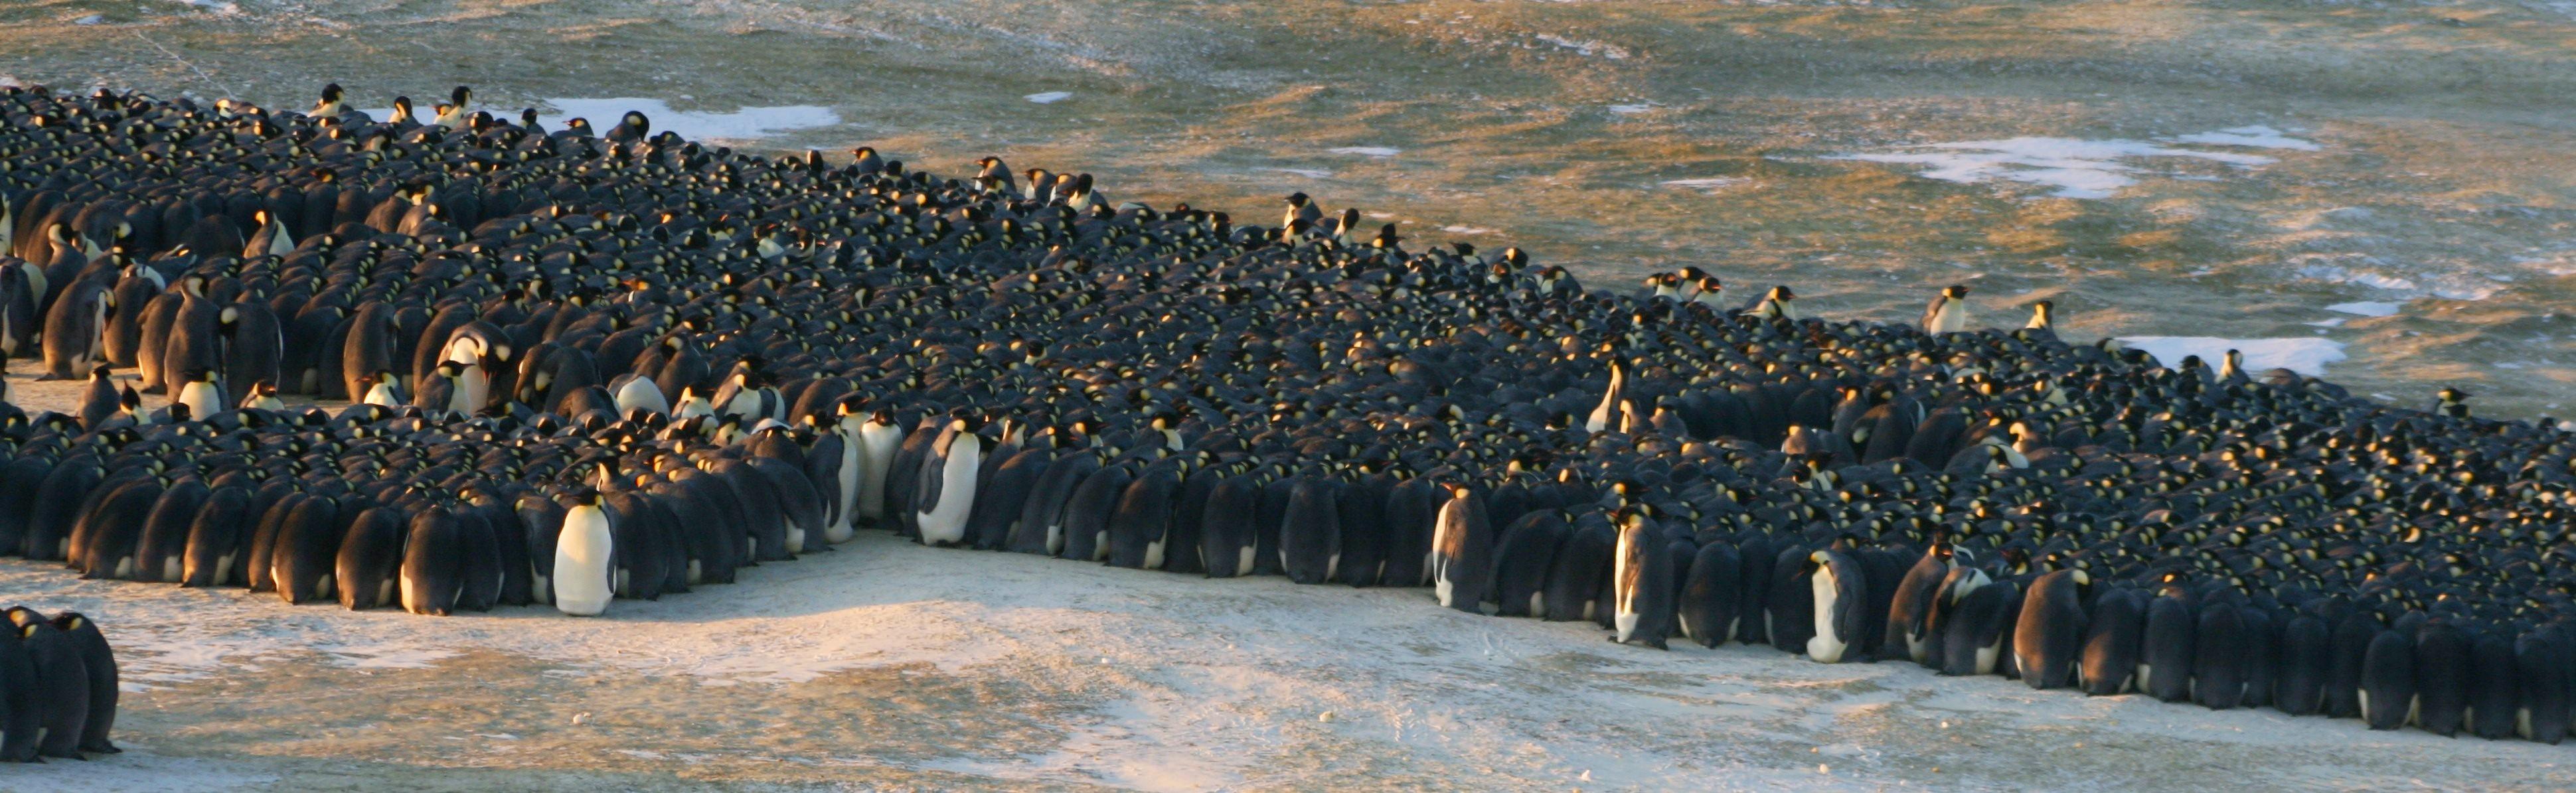 emperor penguin huddle Emperor Penguins Huddle